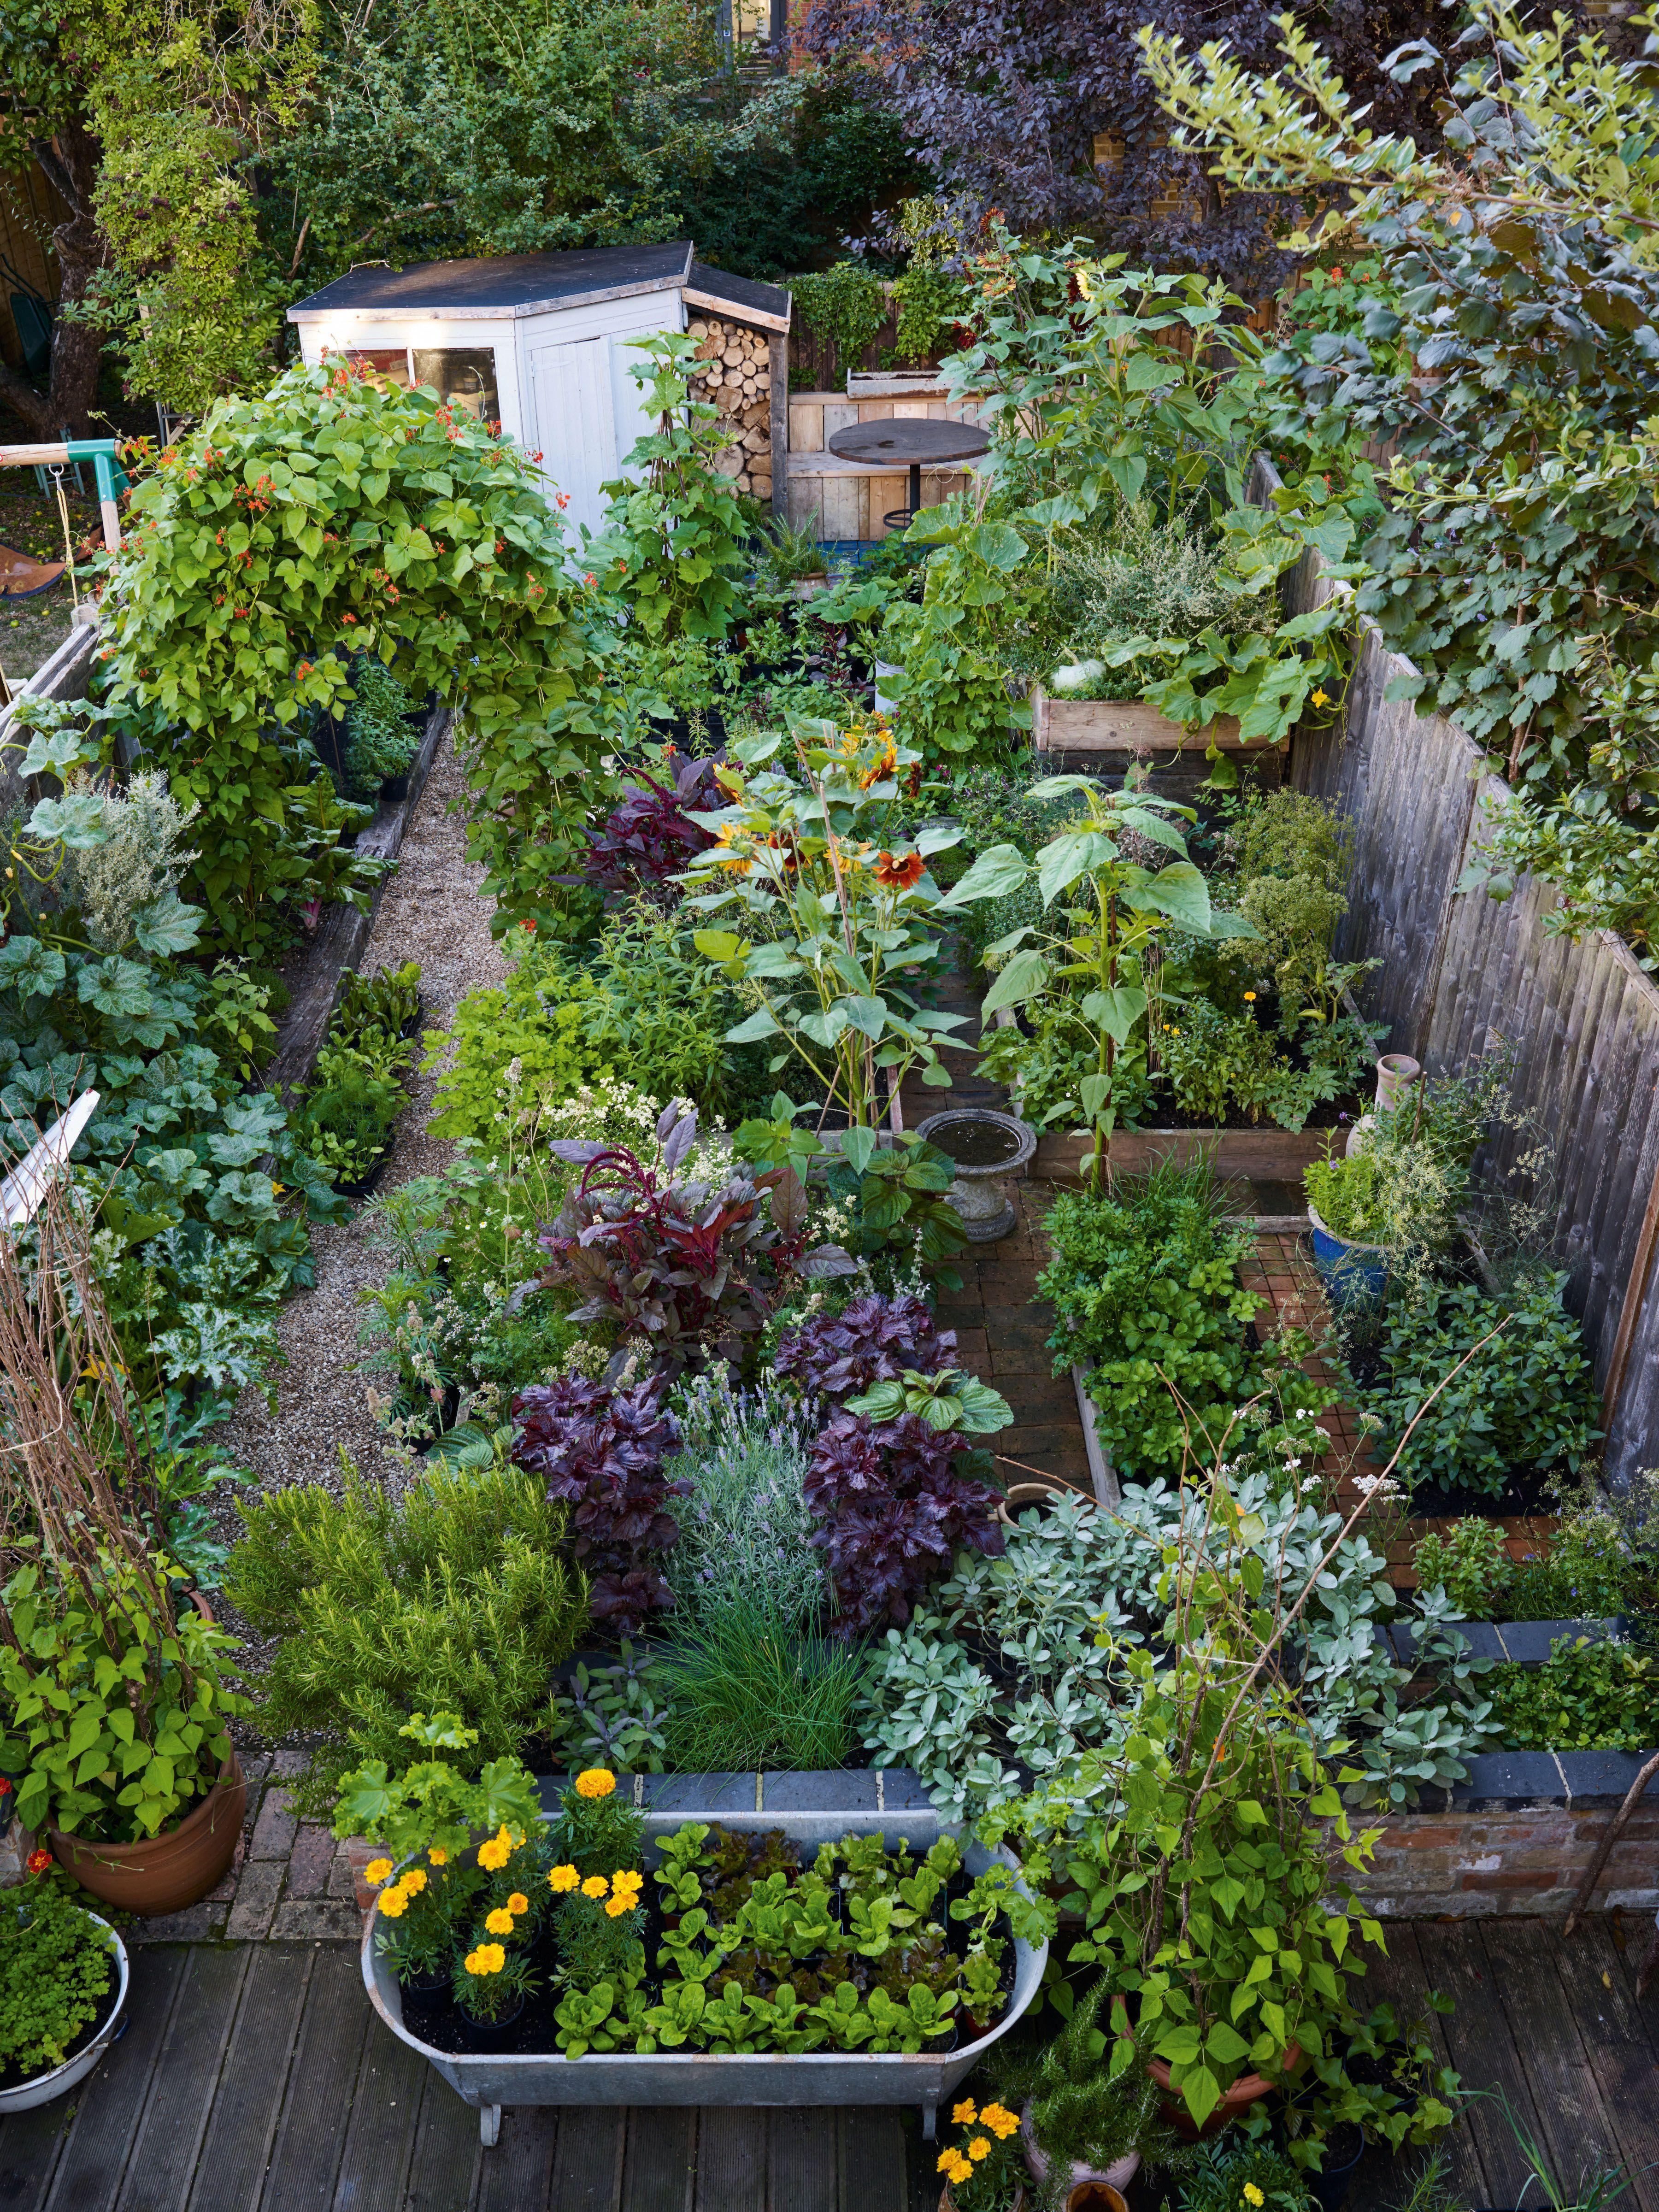 An edible garden. Photos Jason Ingram